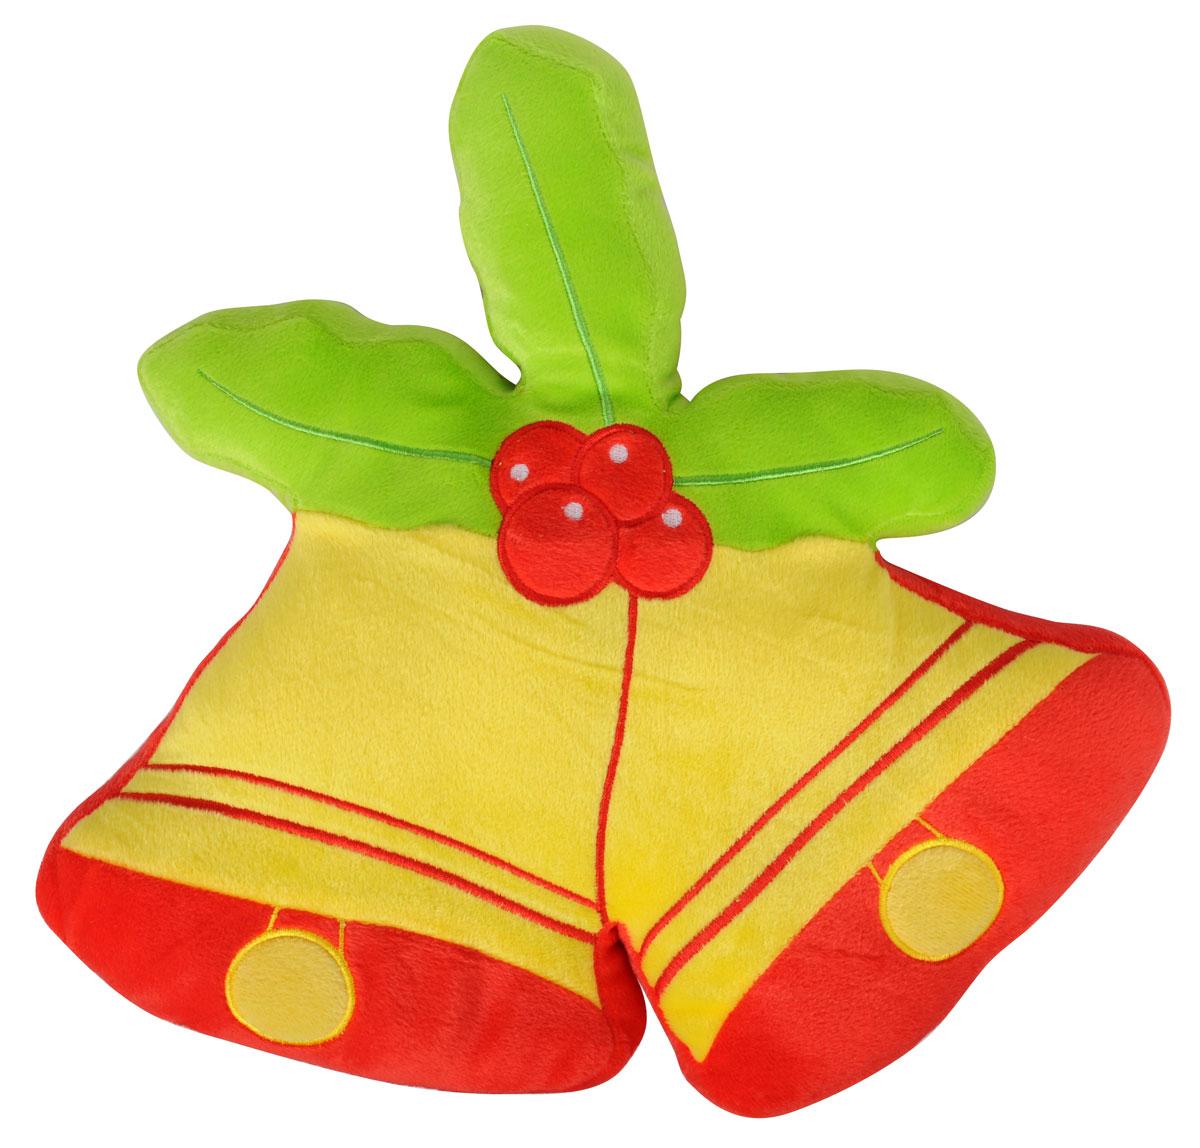 Подушка декоративная Home Queen Колокольчики, 38 х 36 см531-105Декоративная подушка Home Queen Колокольчики - это и игрушка, и предмет интерьера, и оригинальная подушка для автомобиля. Чехол подушки выполнен из полиэстровой ворсистой ткани. Внутри мягкий синтепоновый наполнитель. Красивая оригинальная подушка станет хорошим подарком и обязательно порадует получателя. Материал верха: 100% полиэстер. Наполнитель: синтепон. Размер подушки: 38 см х 36 см.